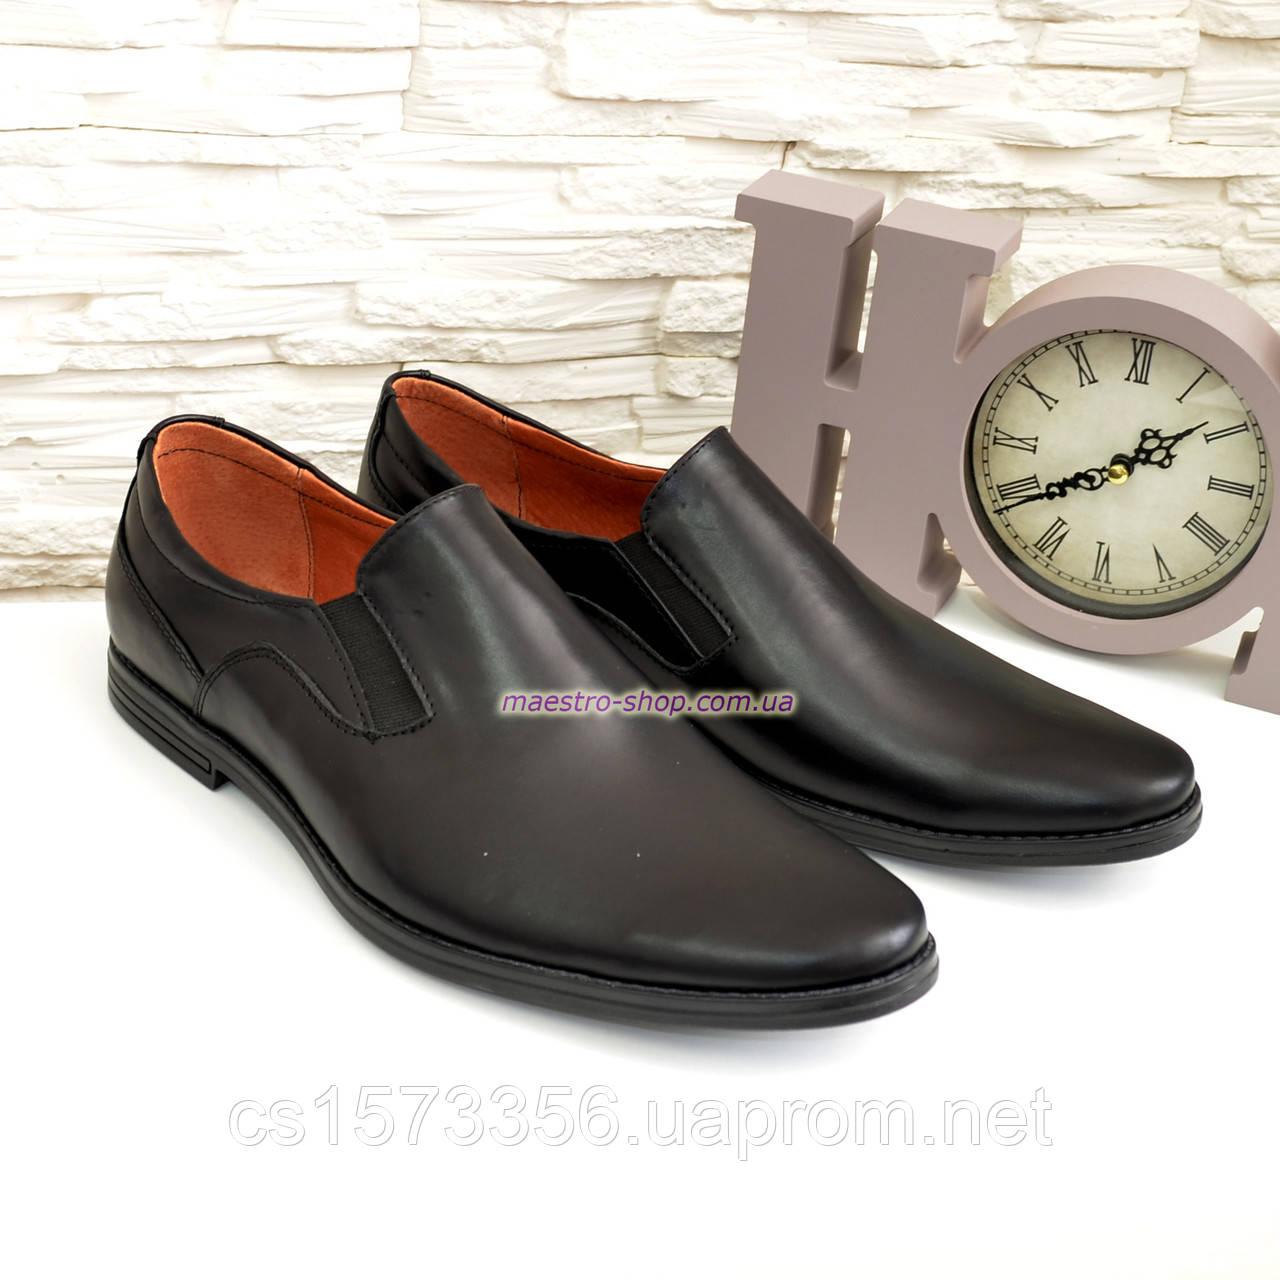 Туфли кожаные мужские от производителя купить и заказать с доставкой ... 72aa1ccf127